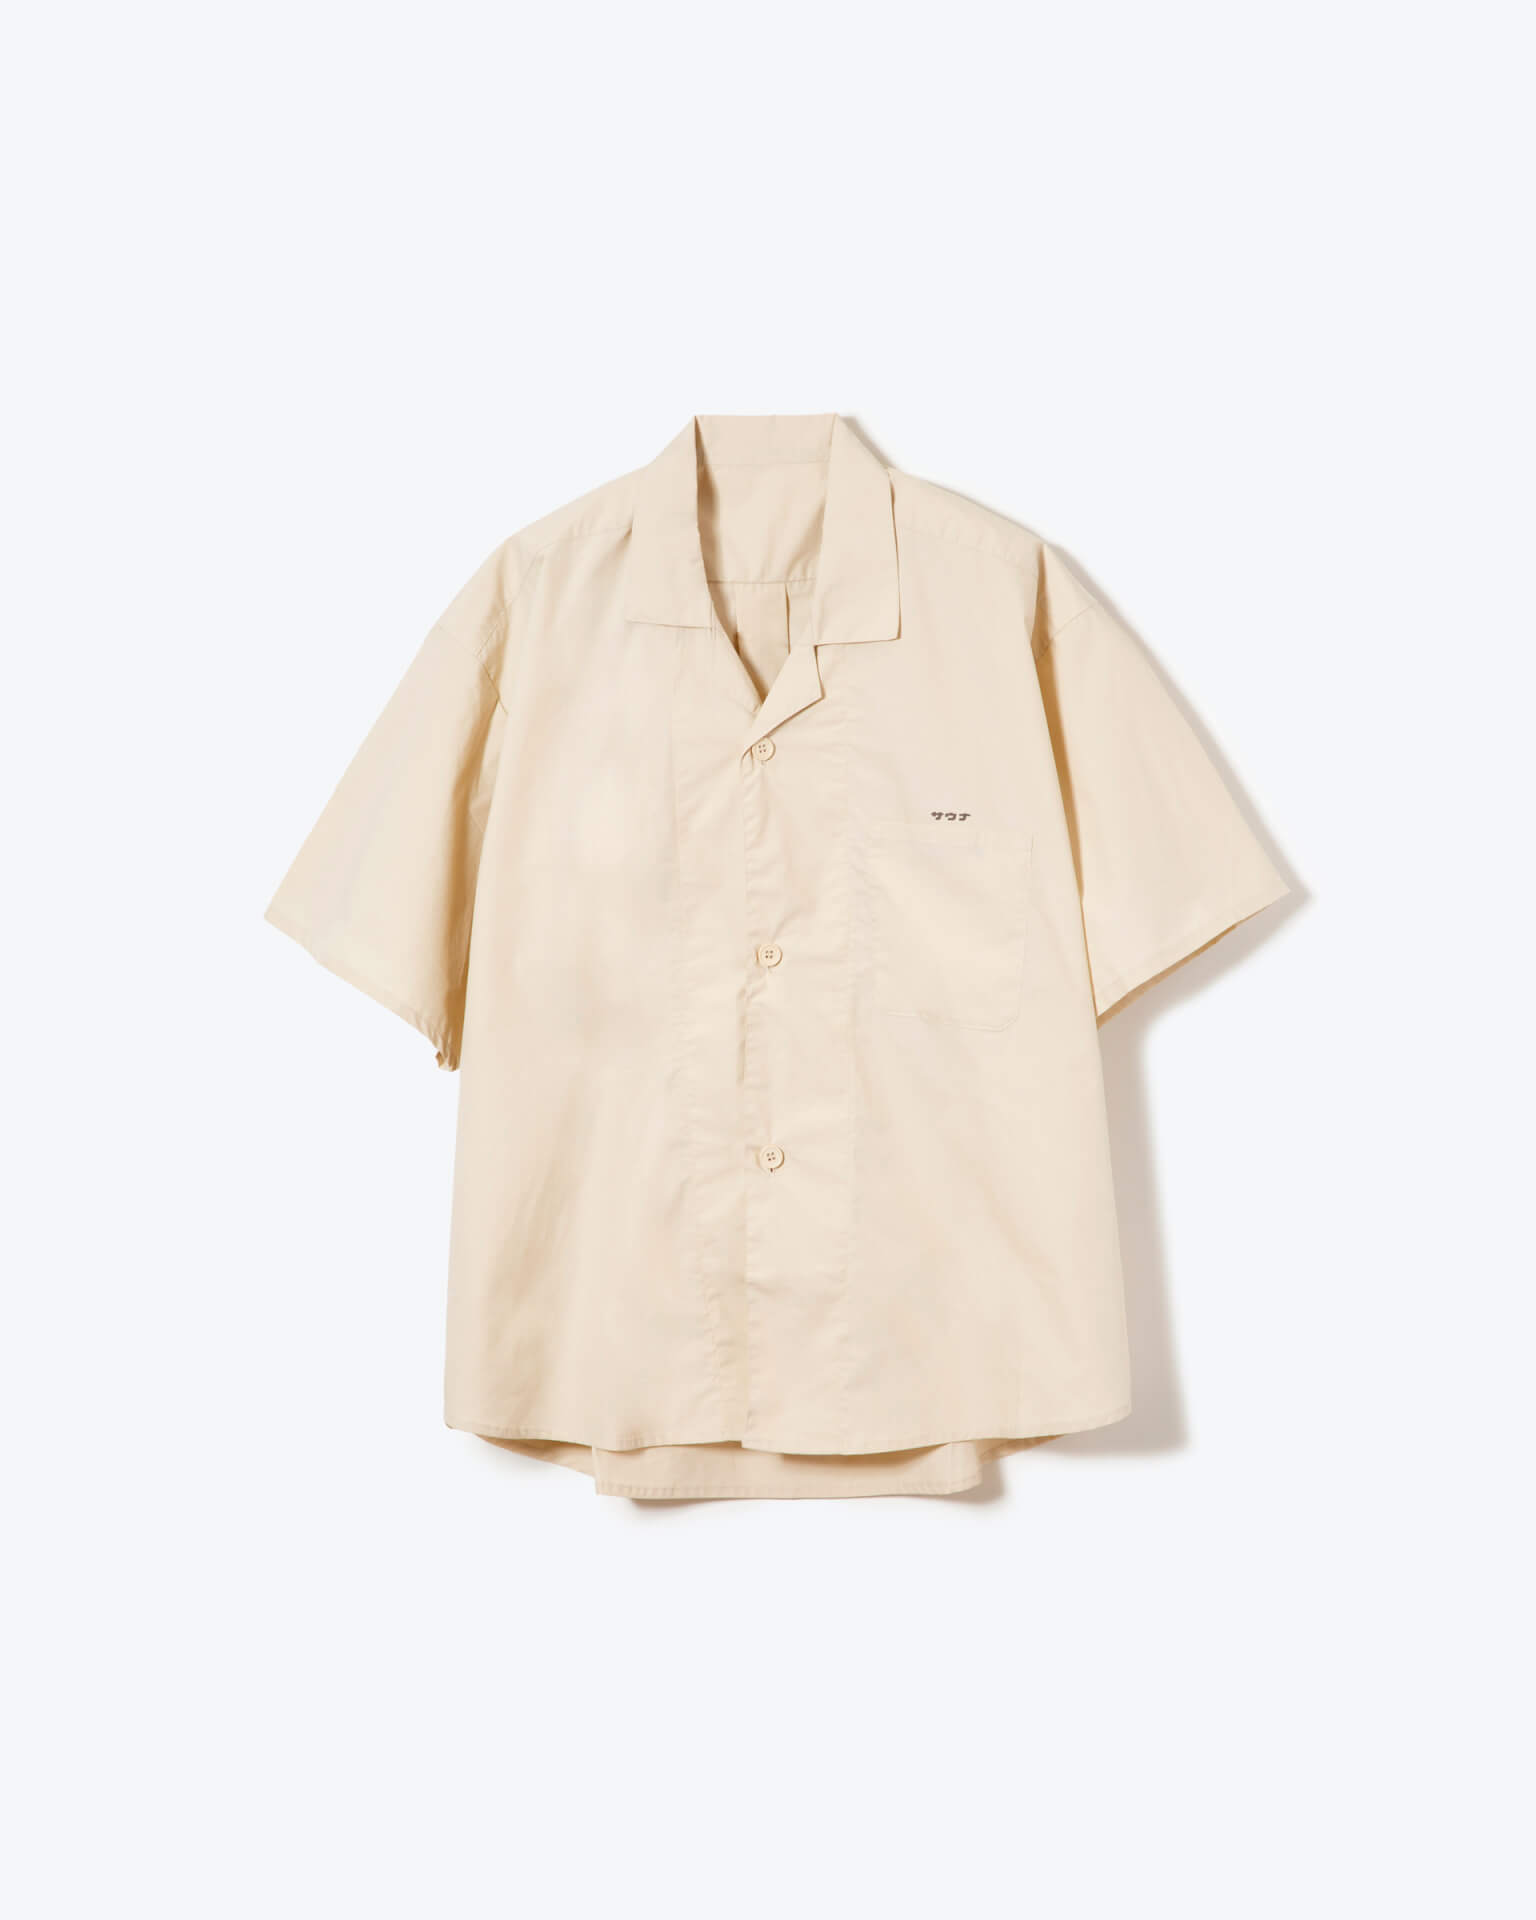 サウナイキタイのサウナグッズ2021年夏バージョンが発売!ペリカンシャツ、サコッシュなど5アイテムが登場 life210729_saunaikitai_4